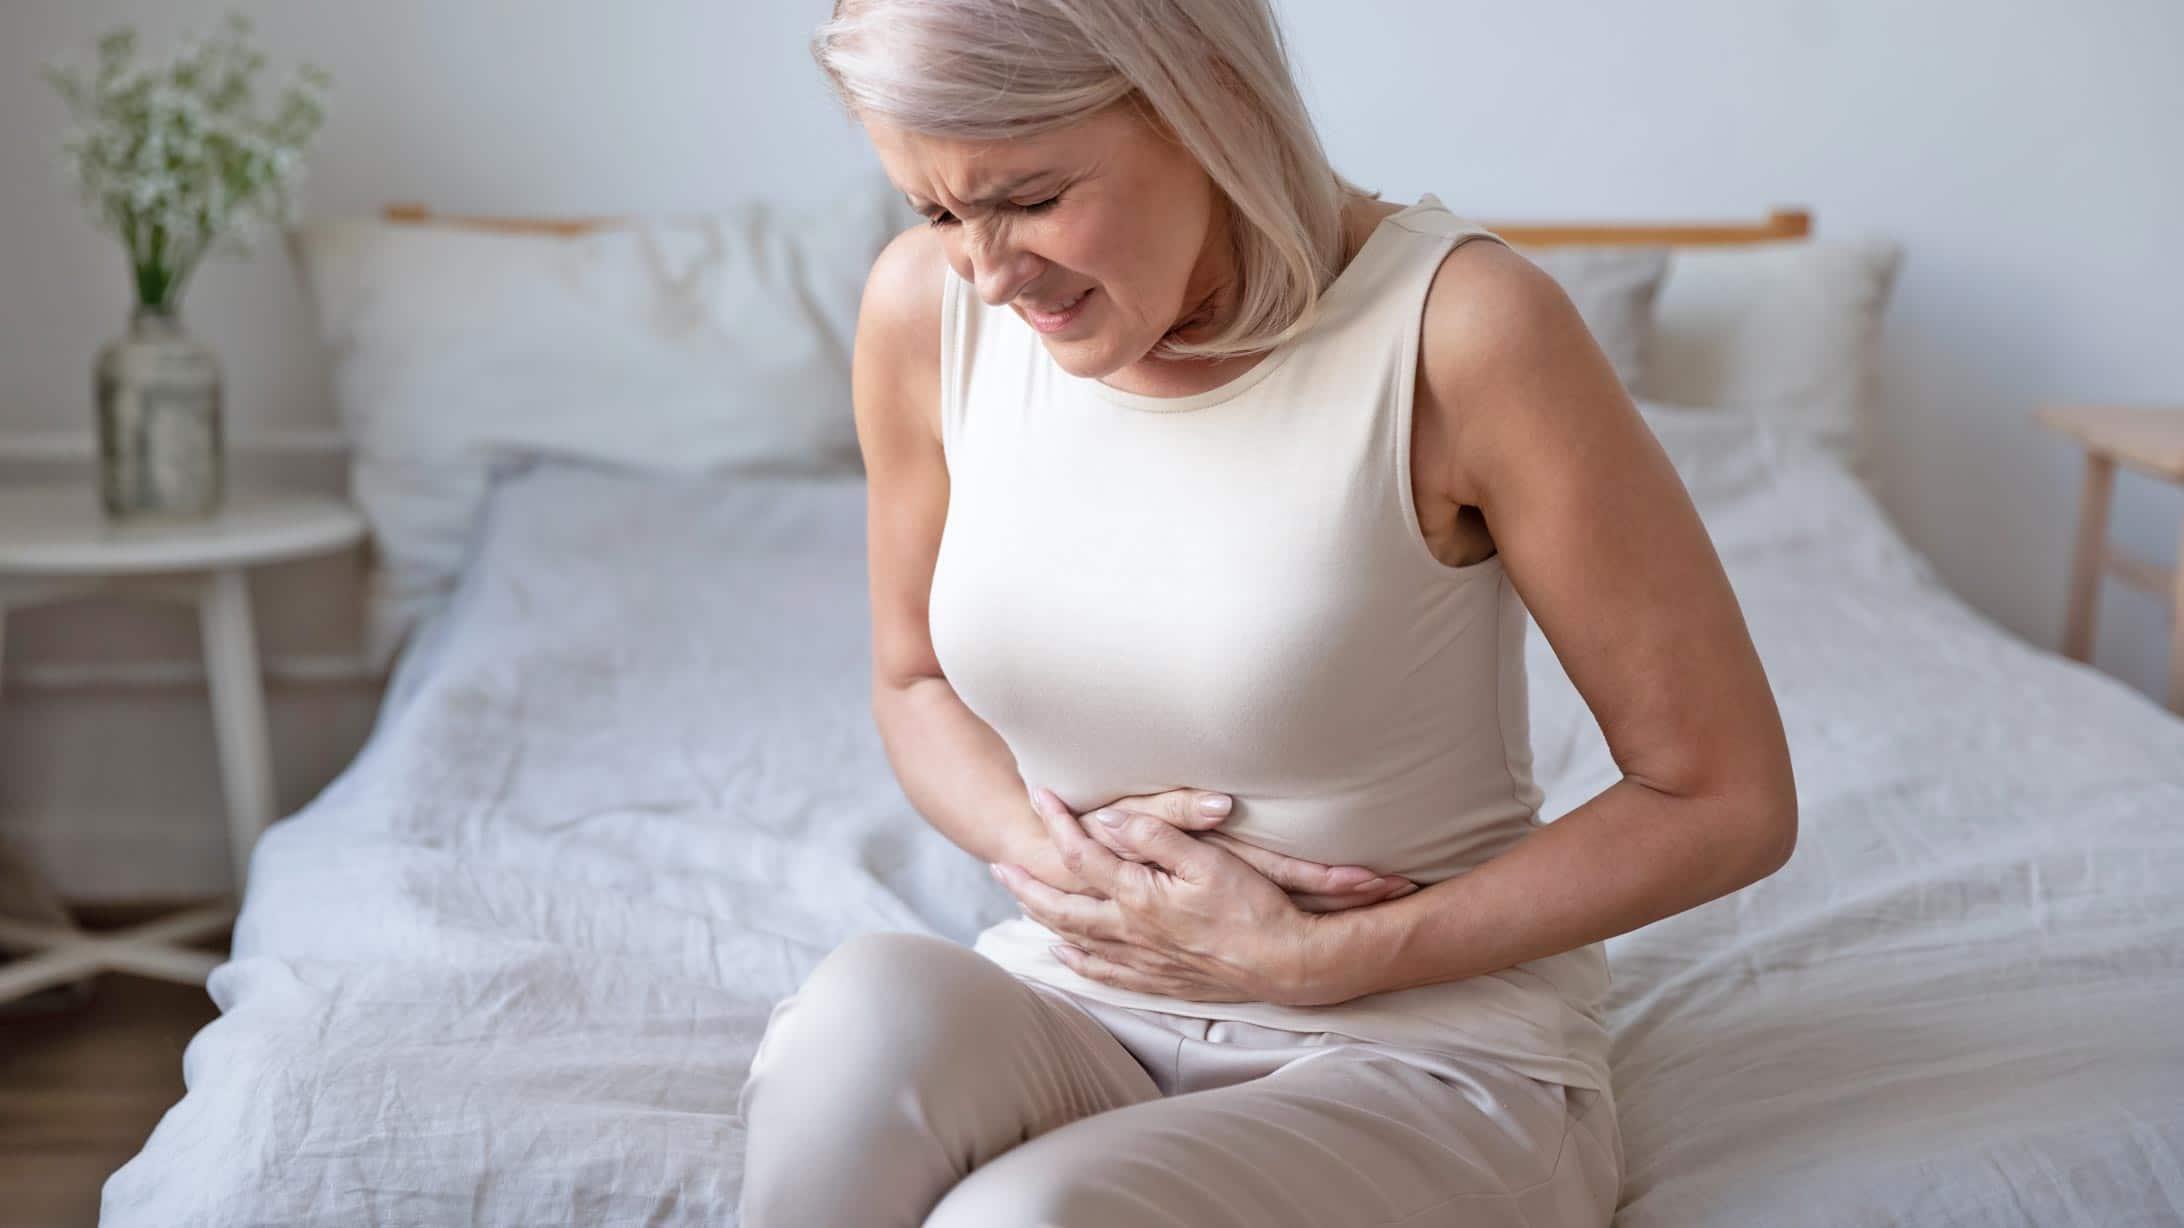 Eine Frau hält sich den schmerzenden Bauch